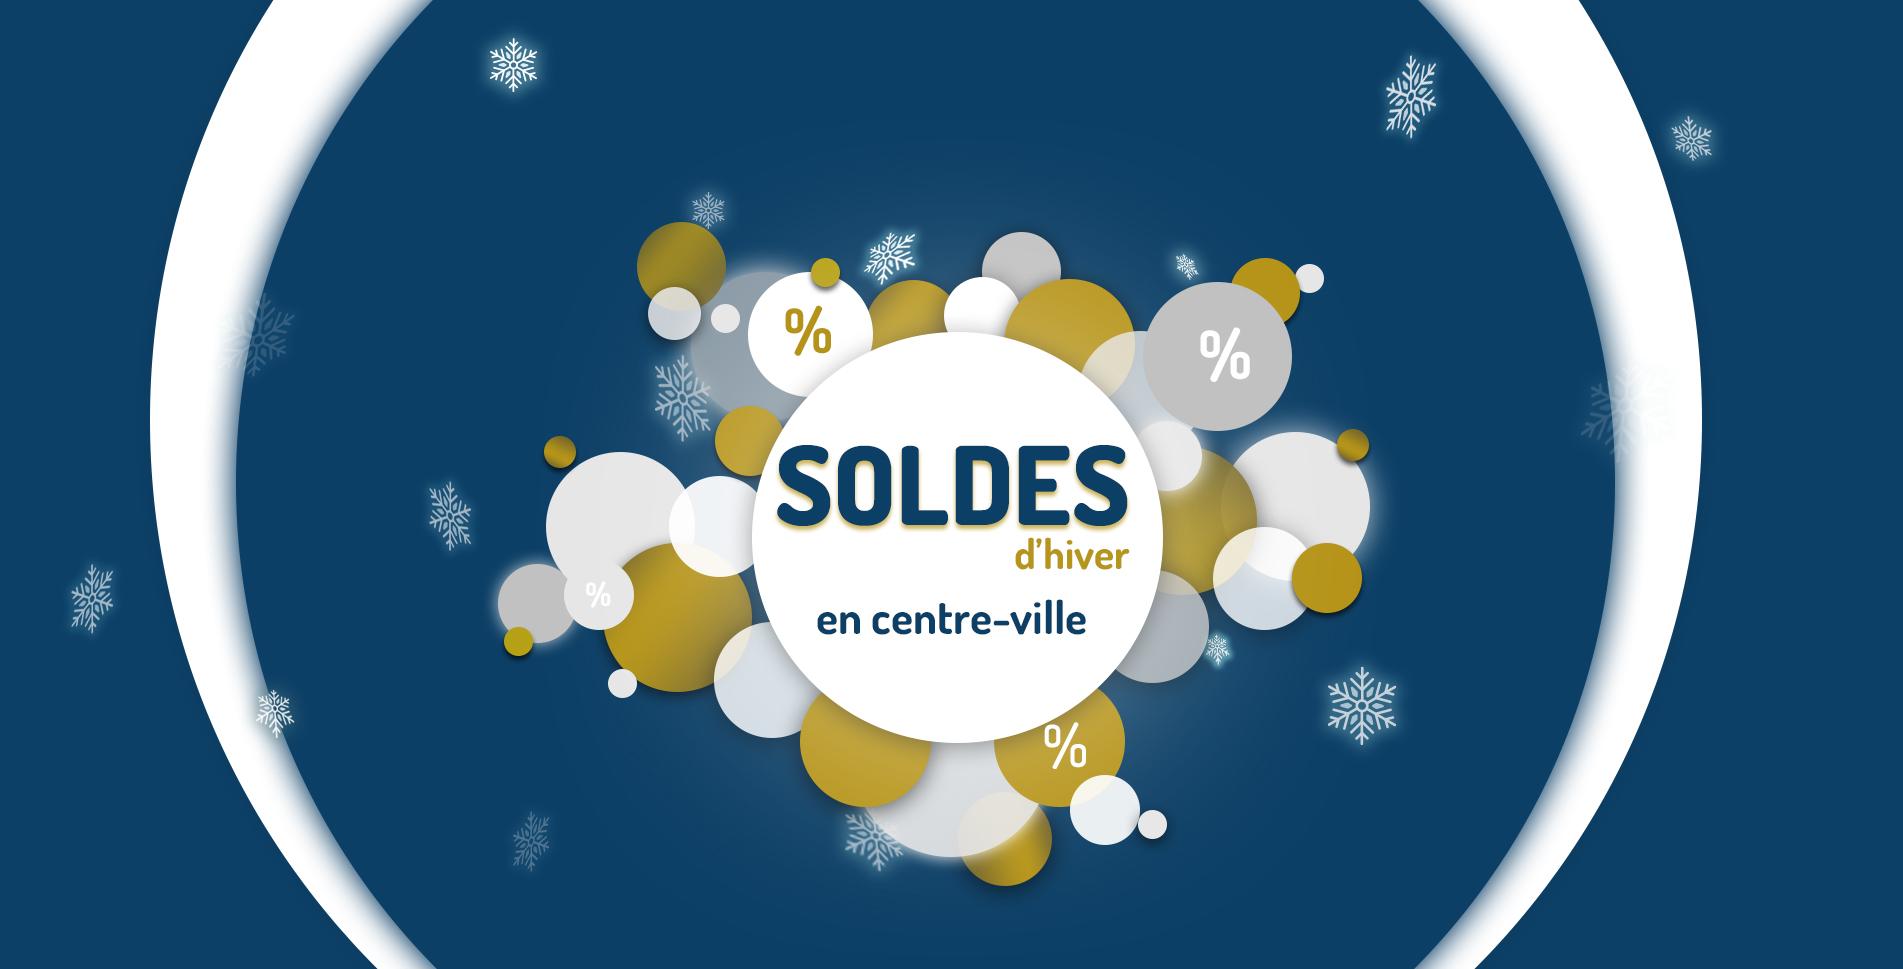 Les SOLDES d'hiver prolongés jusqu'au 02 mars 2021 !